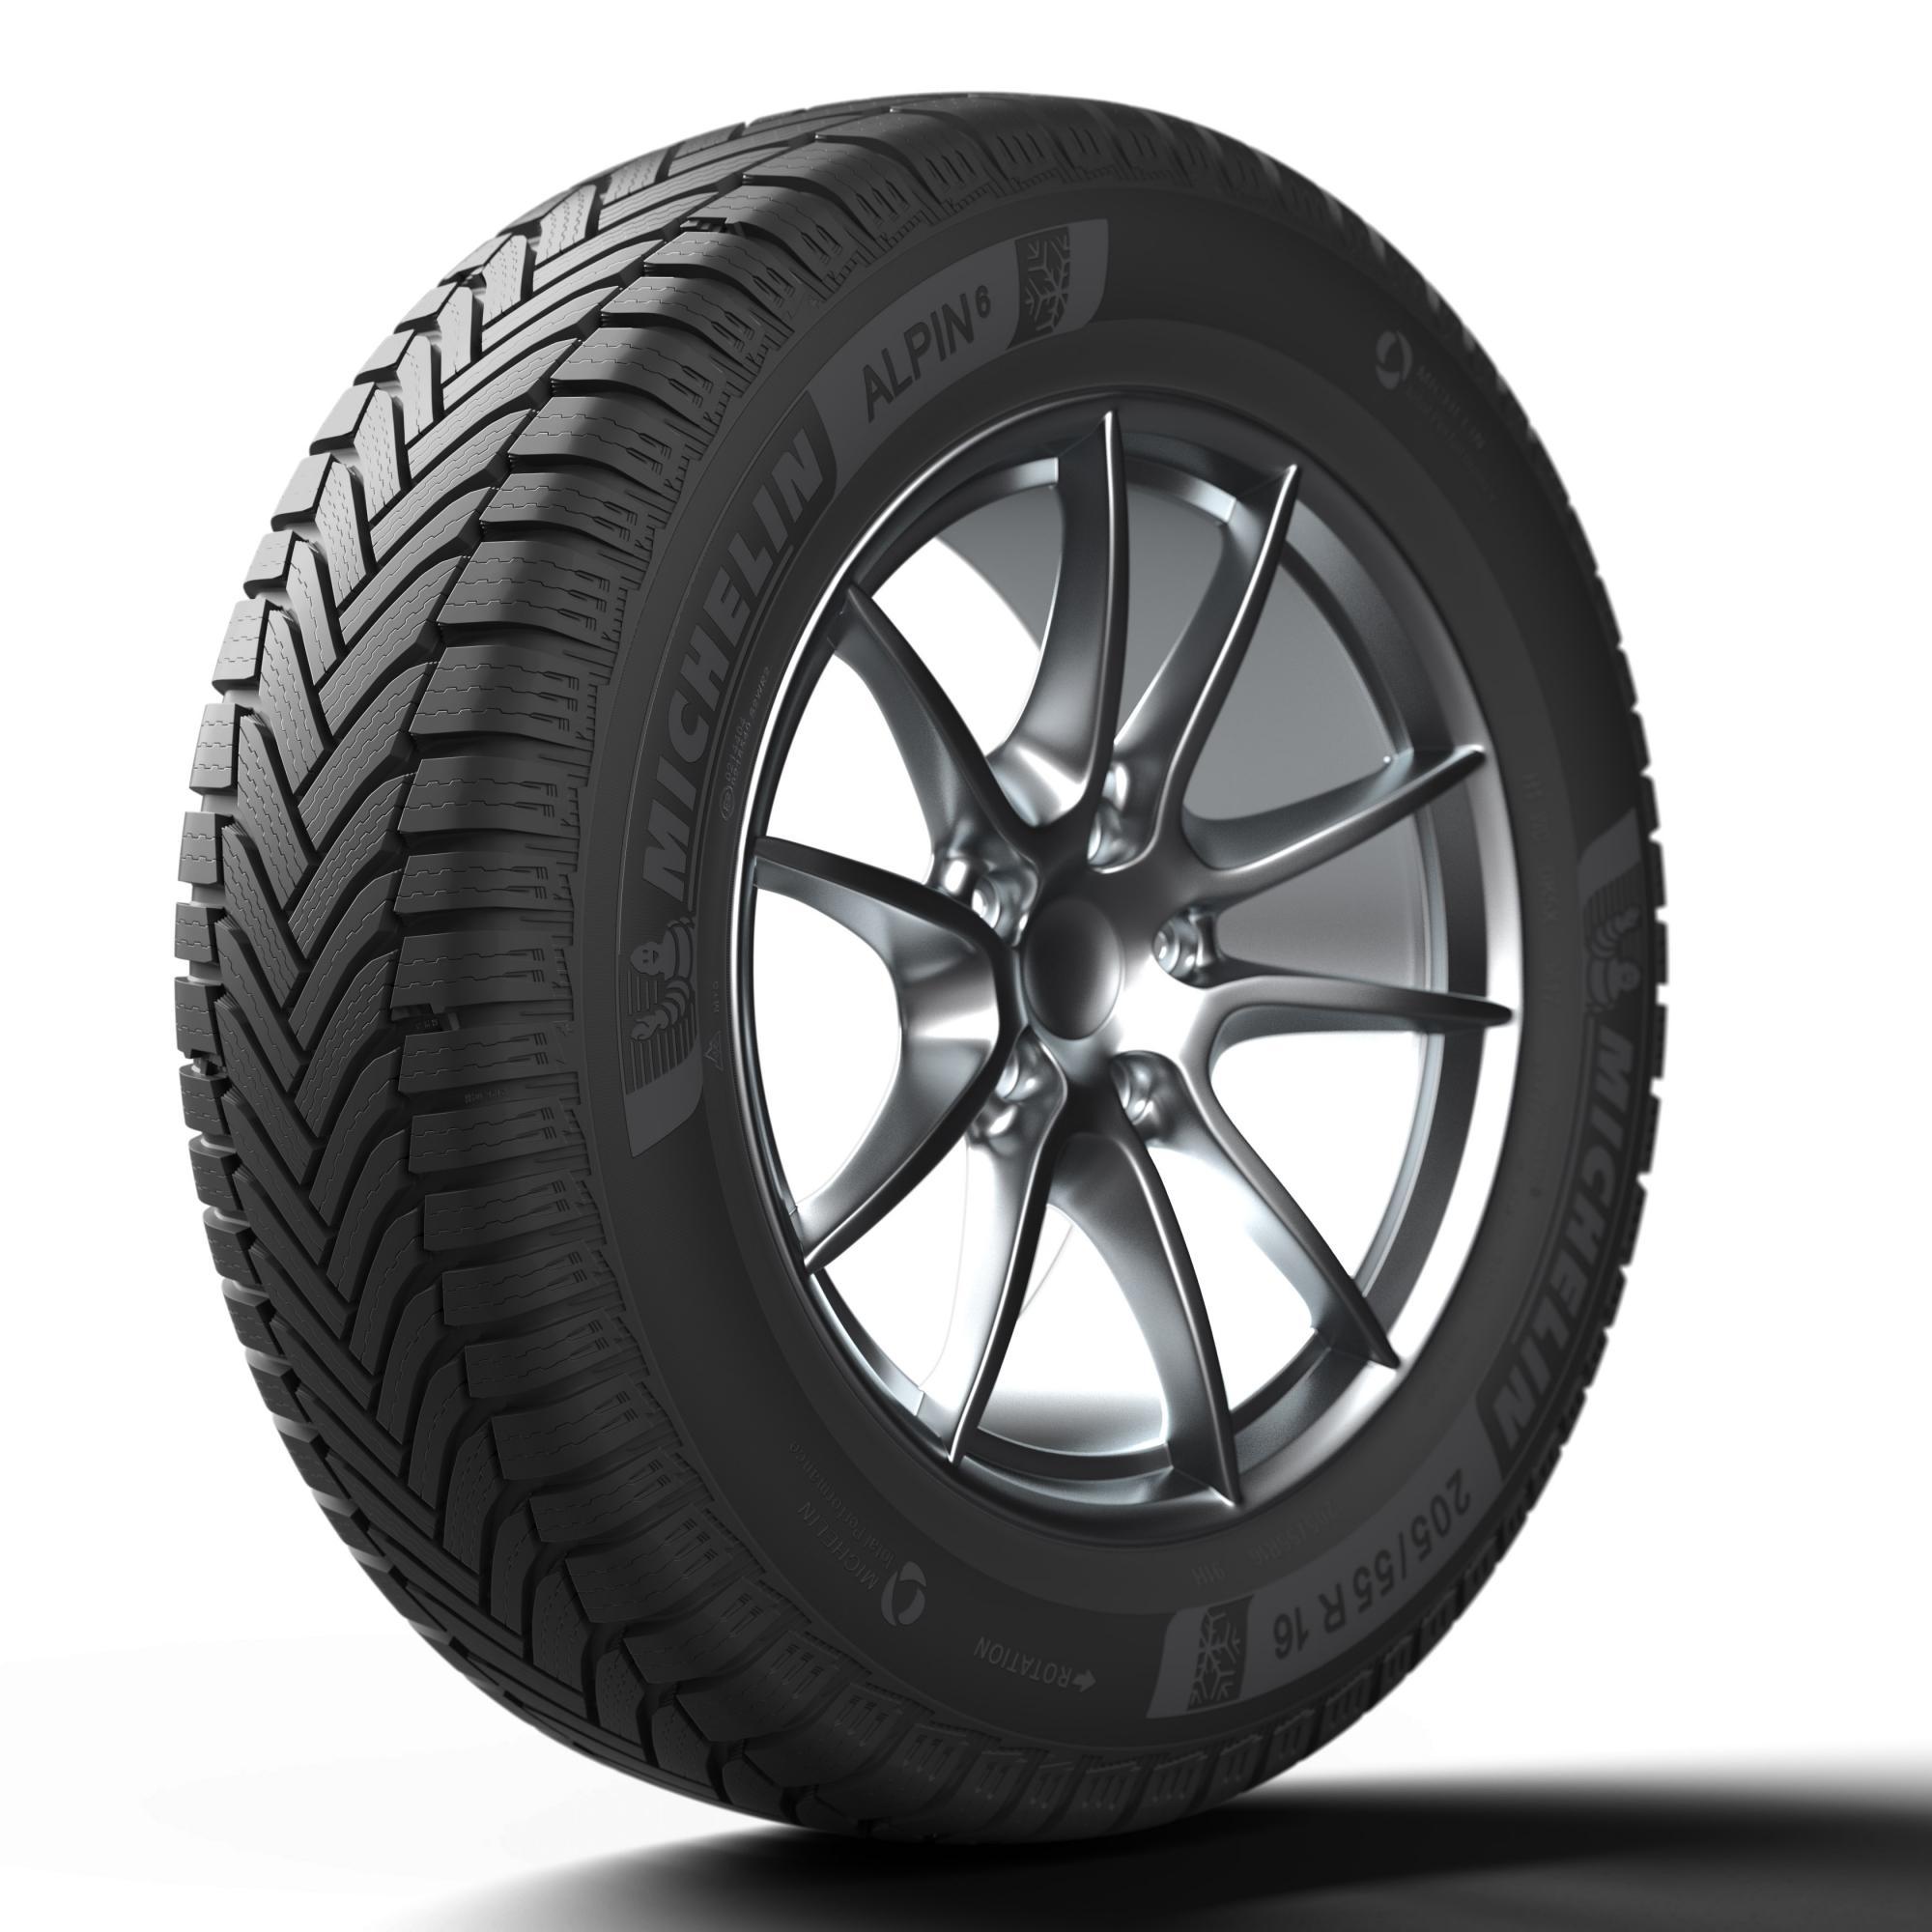 Зимние шины Michelin Alpin 6 - гарантия безопасности в течение всего срока эксплуатации